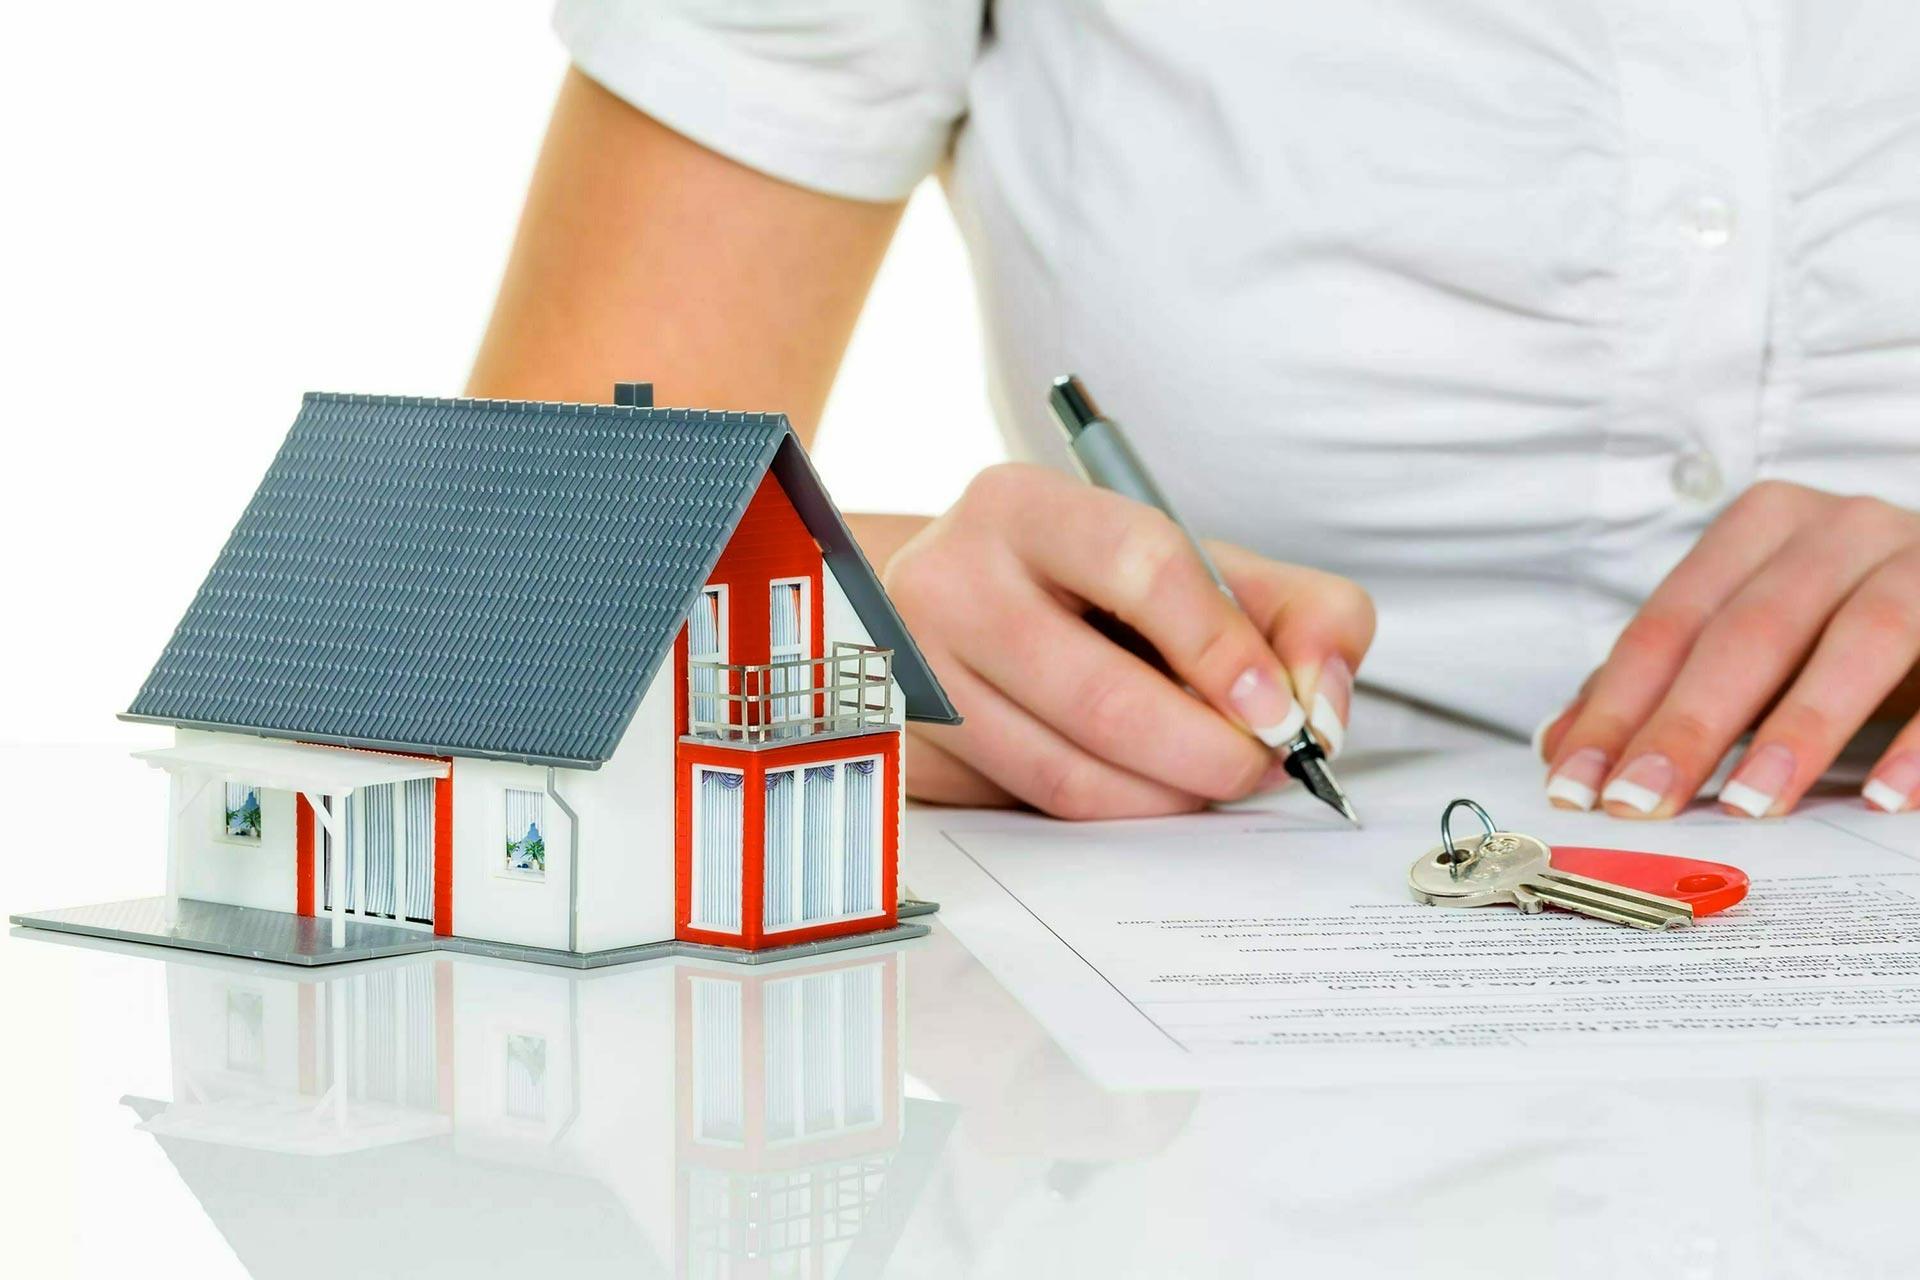 Бесплатный вебинар: Как открыть агентство недвижимости и зарабатывать от 500 000 руб. в месяц